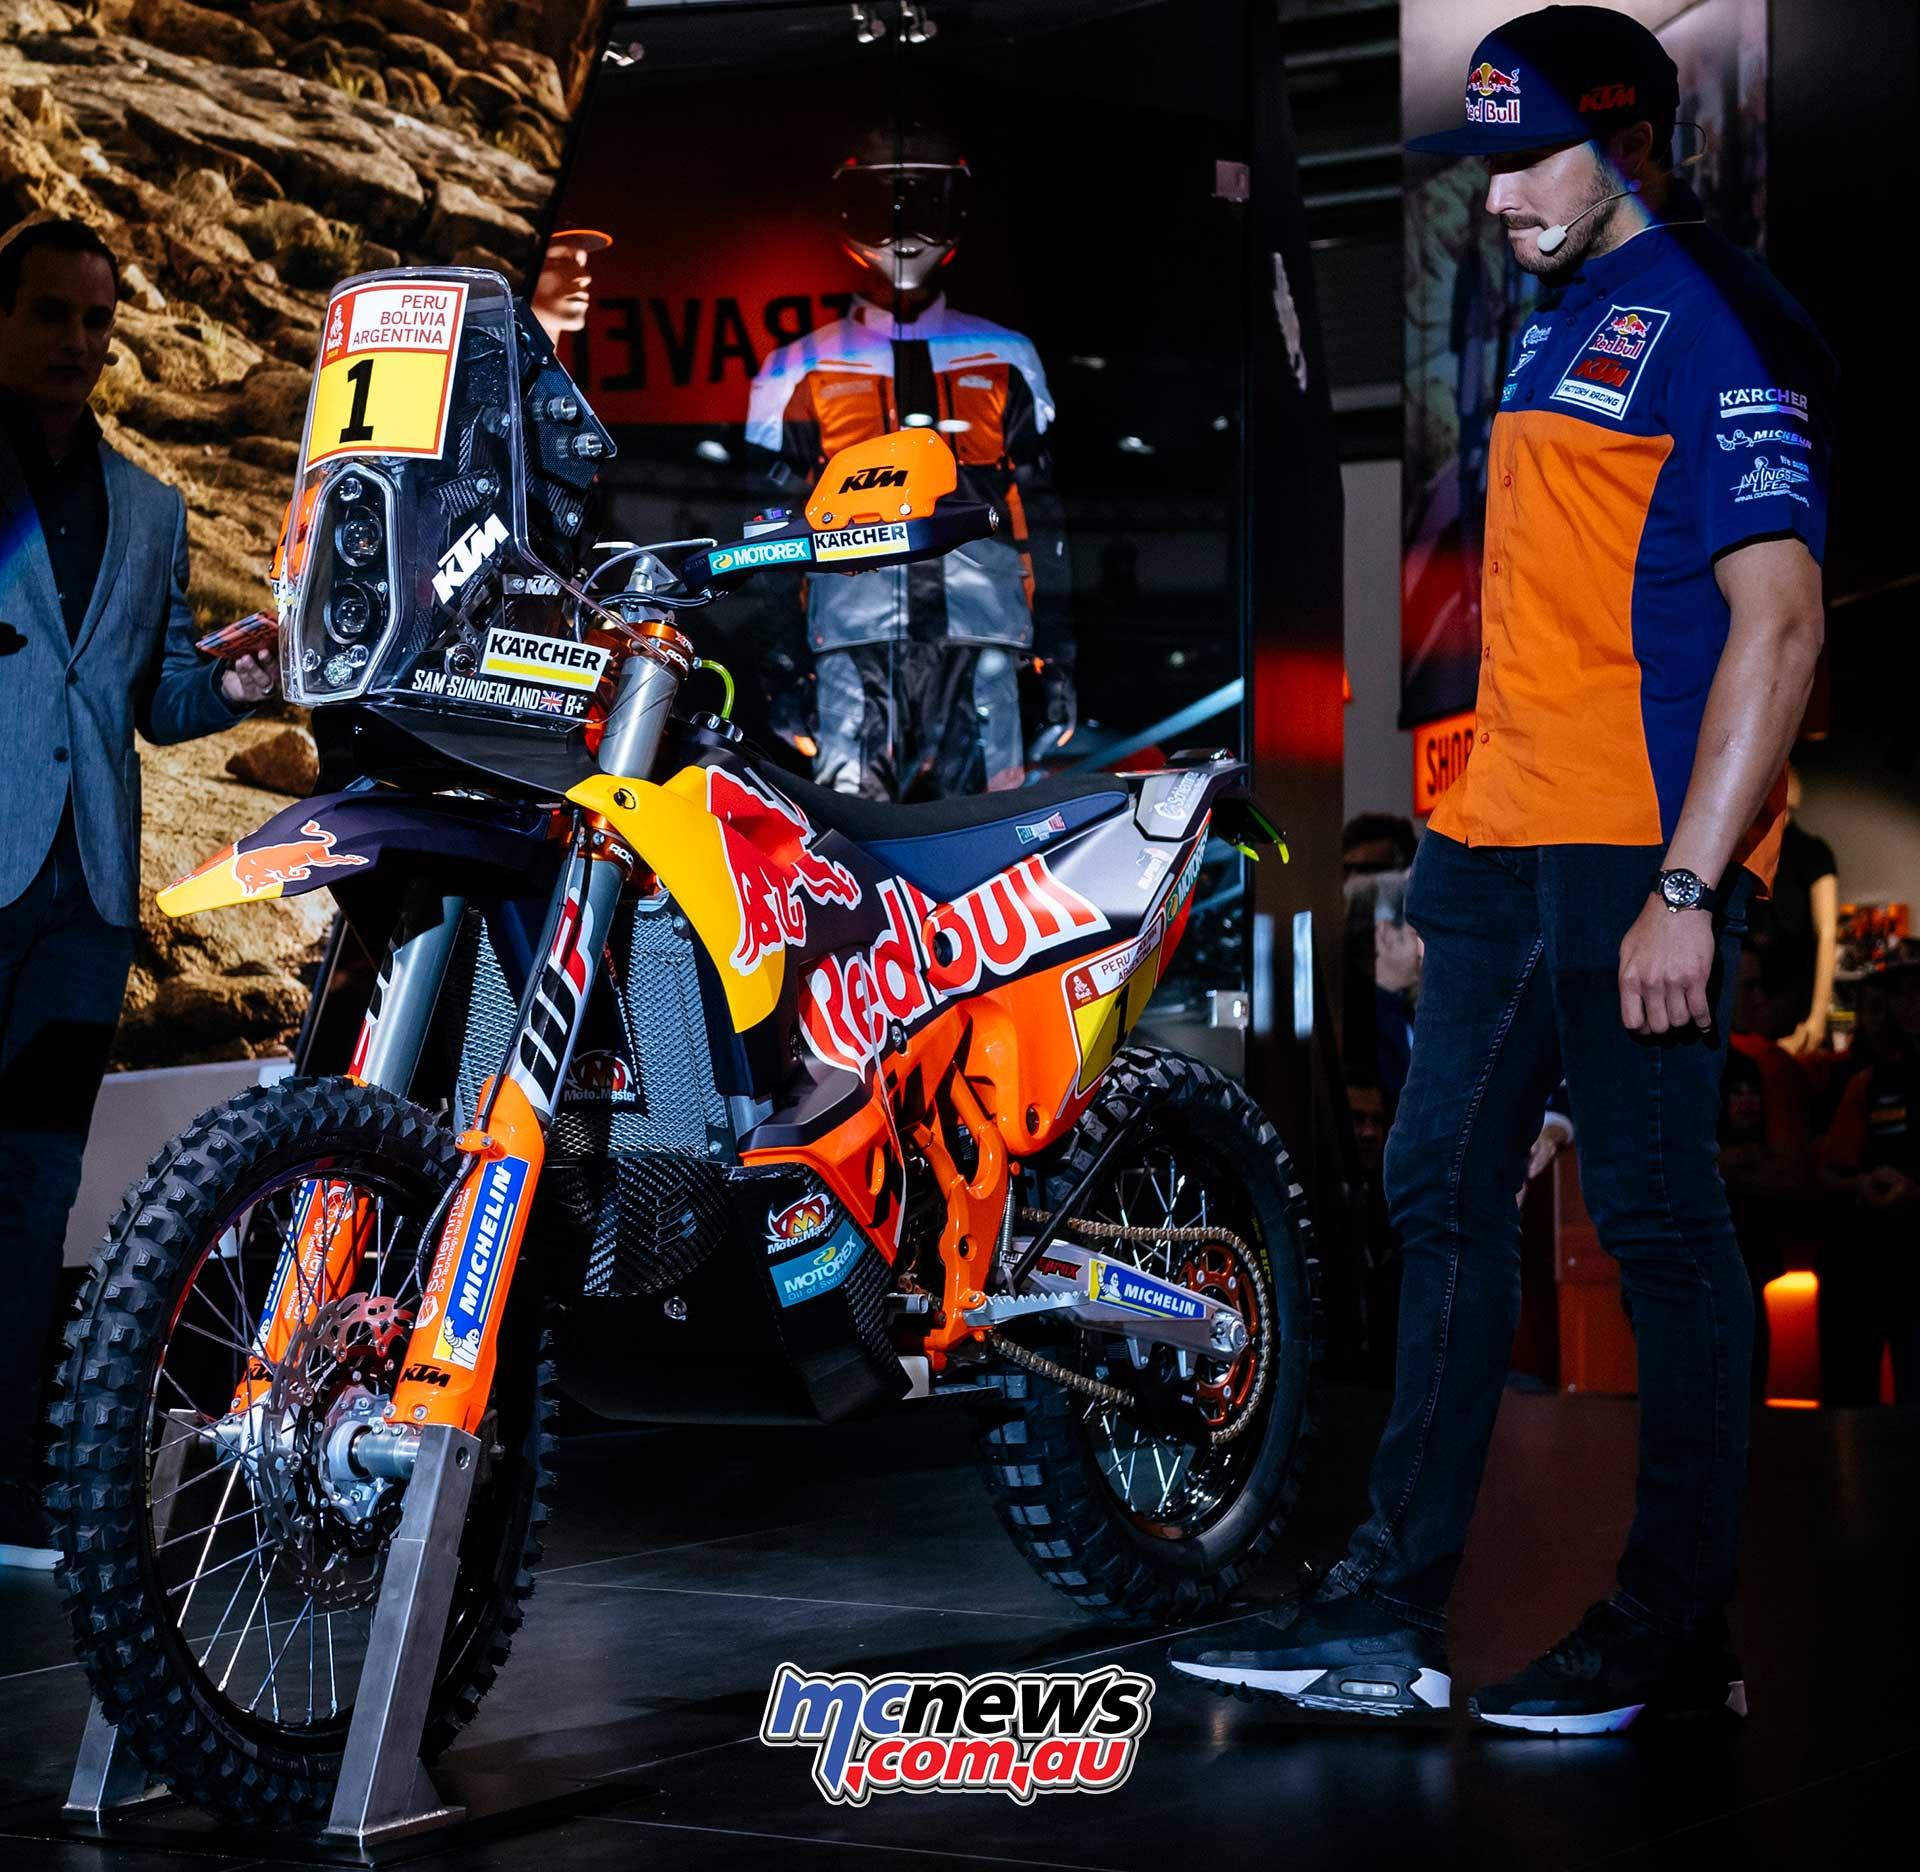 2017 Ktm 450 >> KTM 790 Adventure R looks production ready... | MCNews.com.au